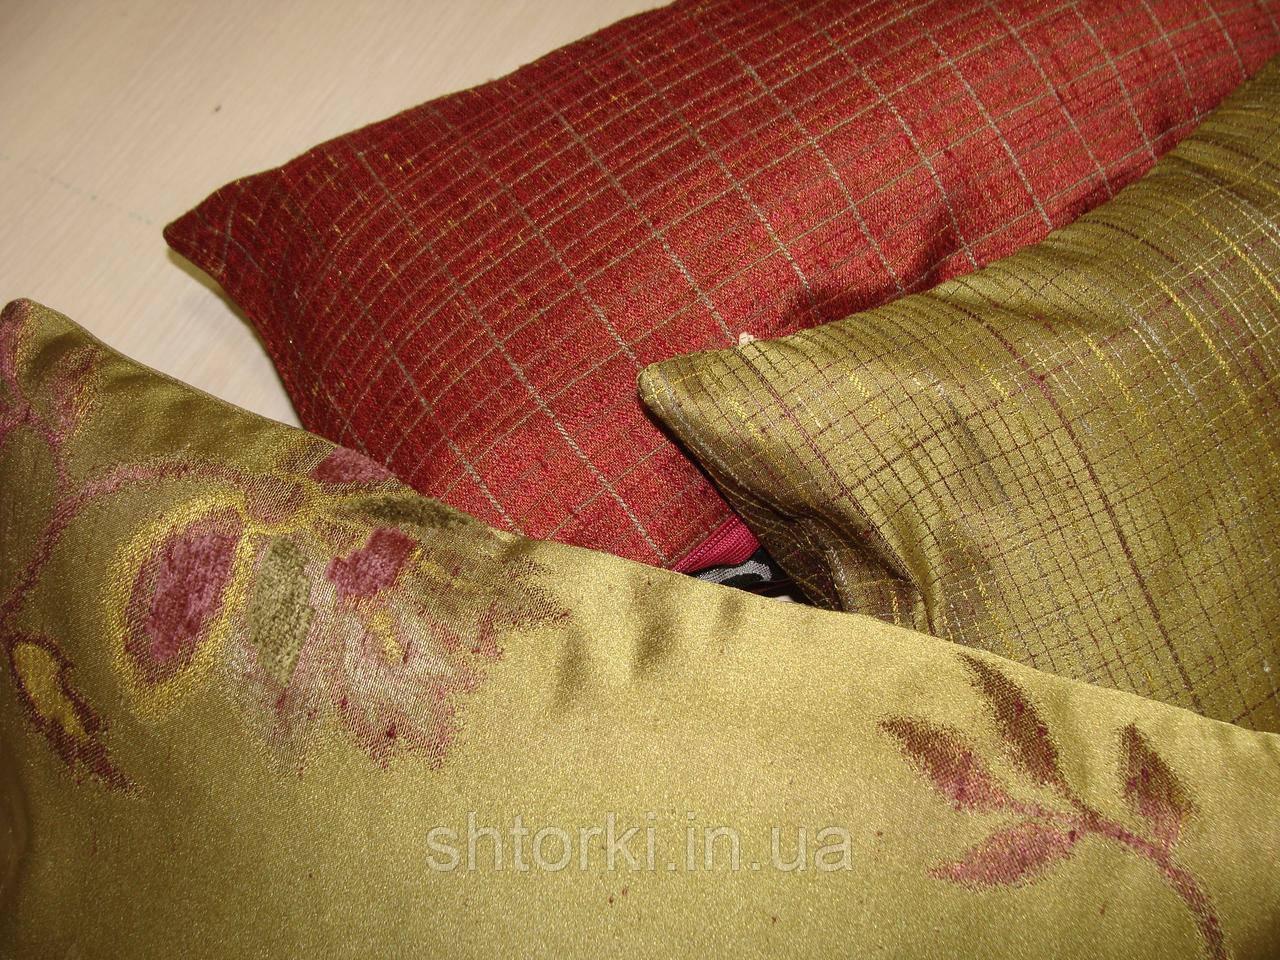 Комплект подушек зелень, 3 шт